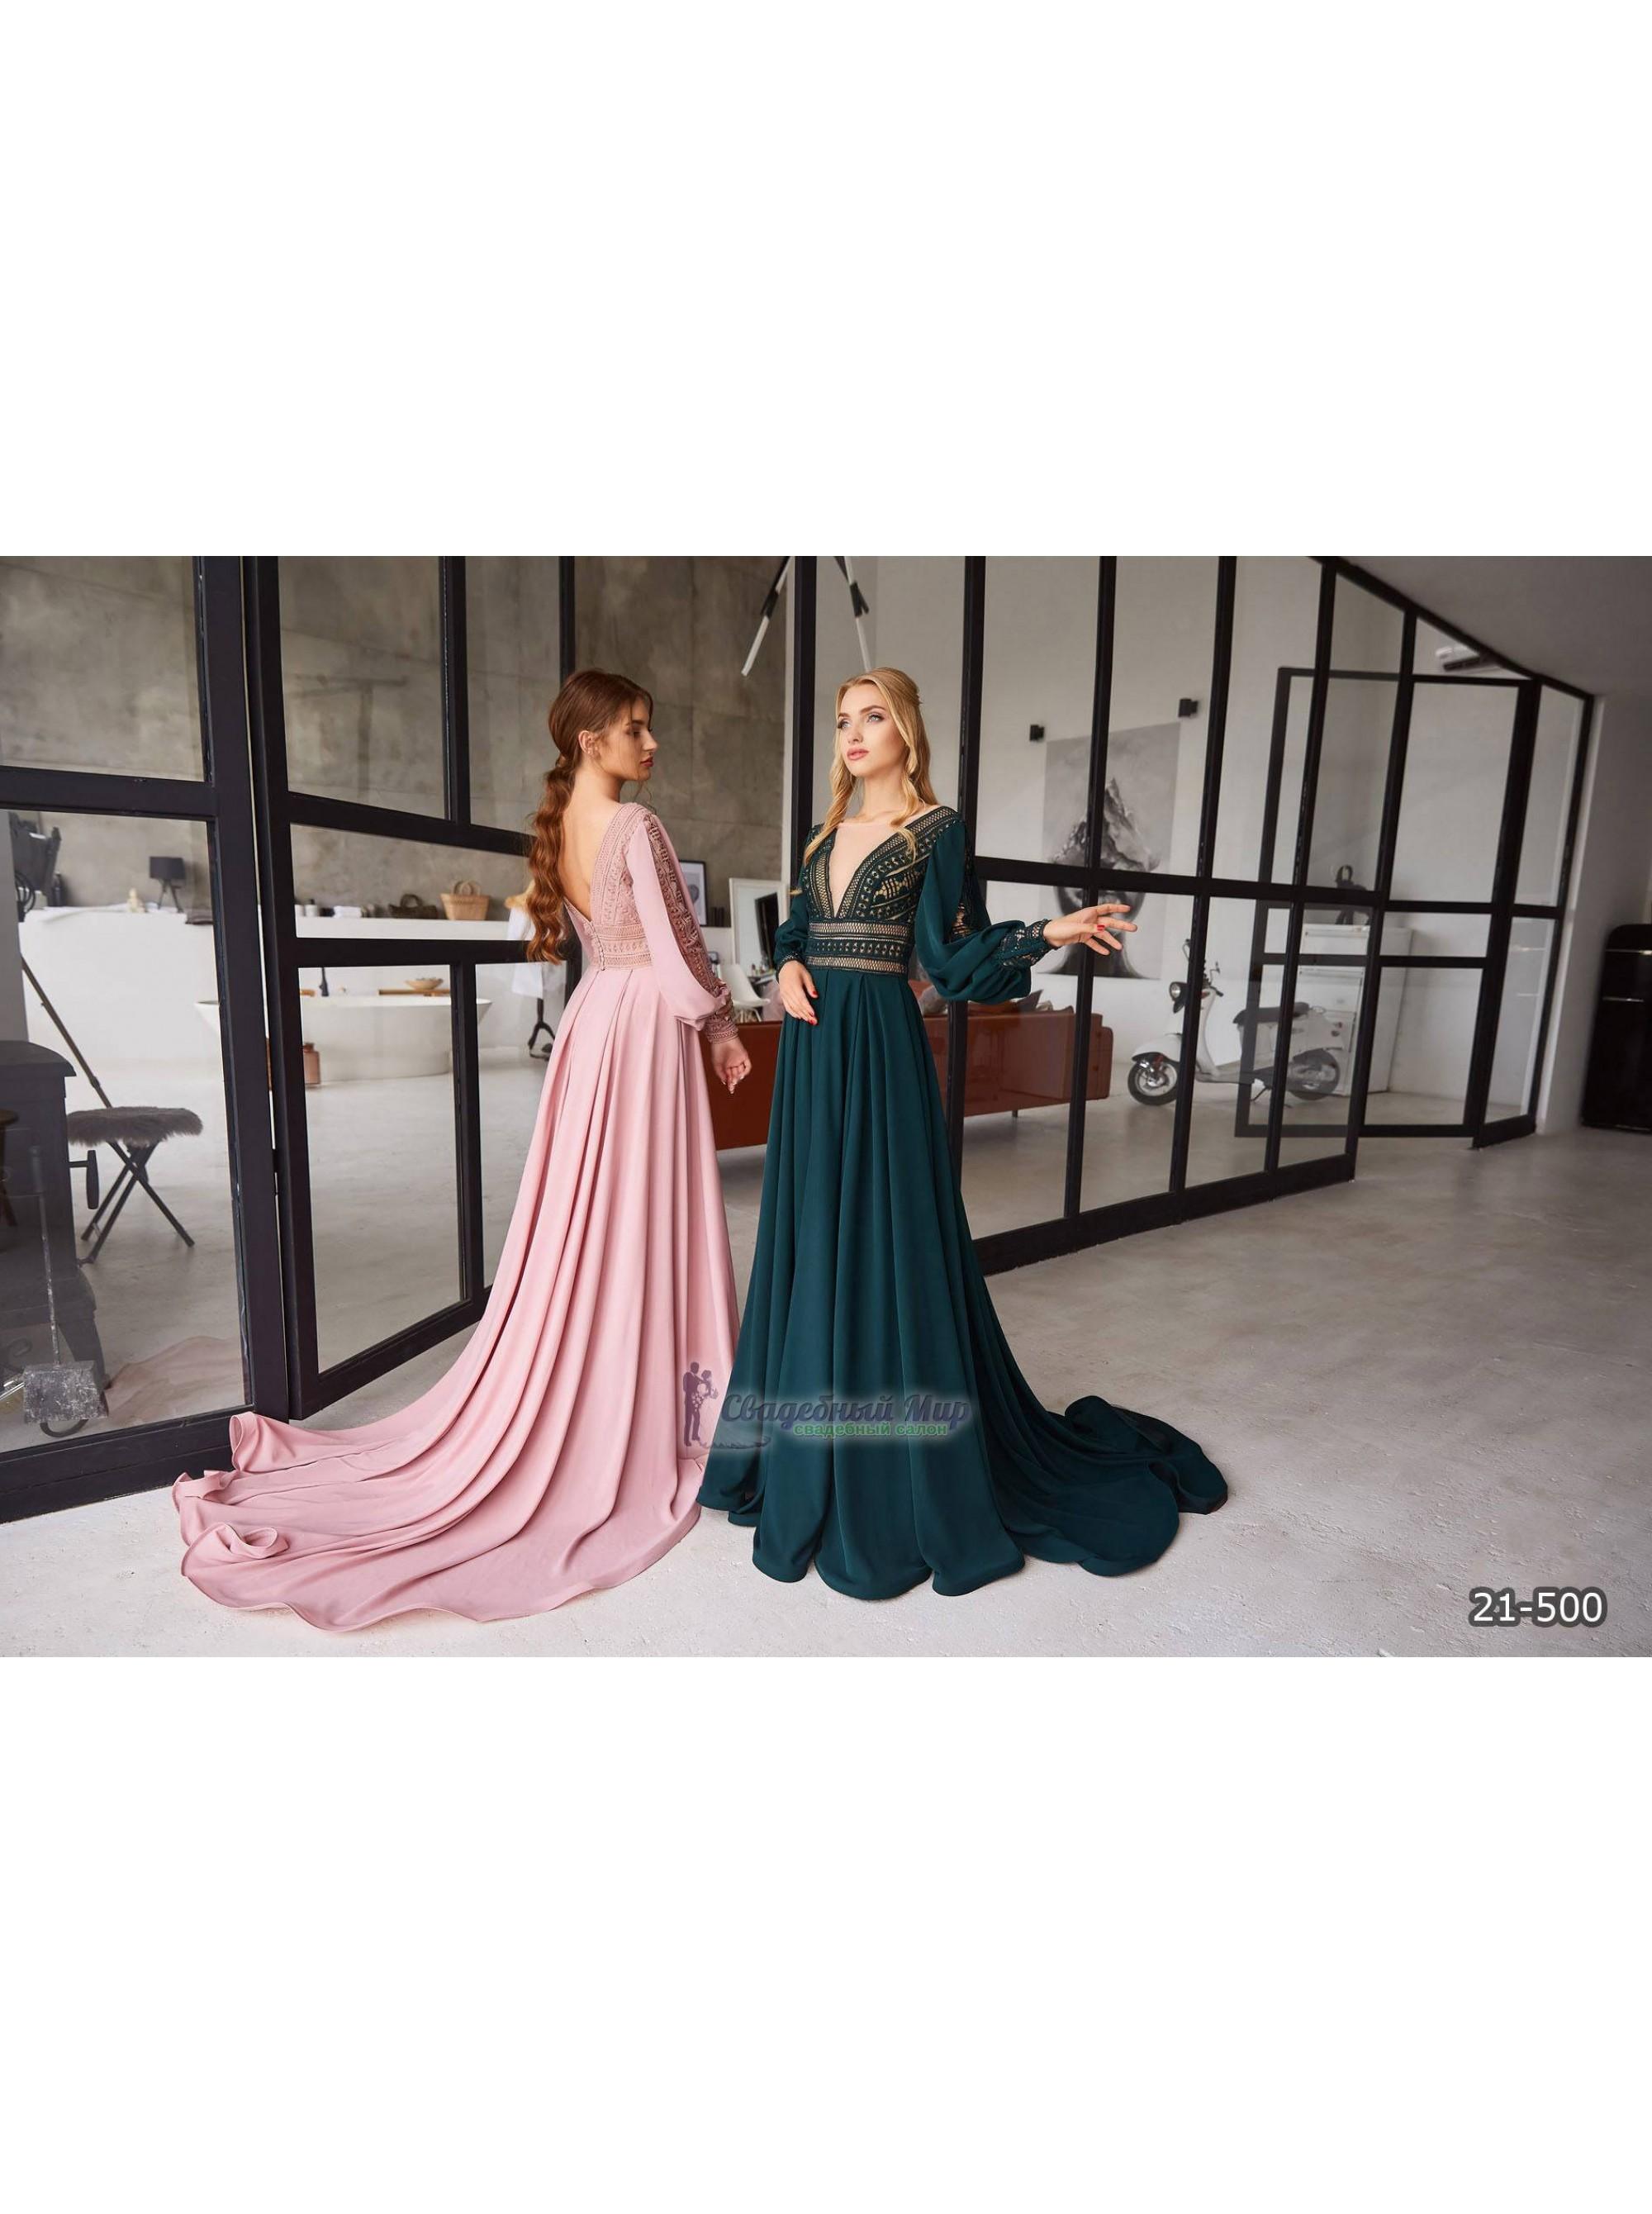 Вечернее платье 21-500